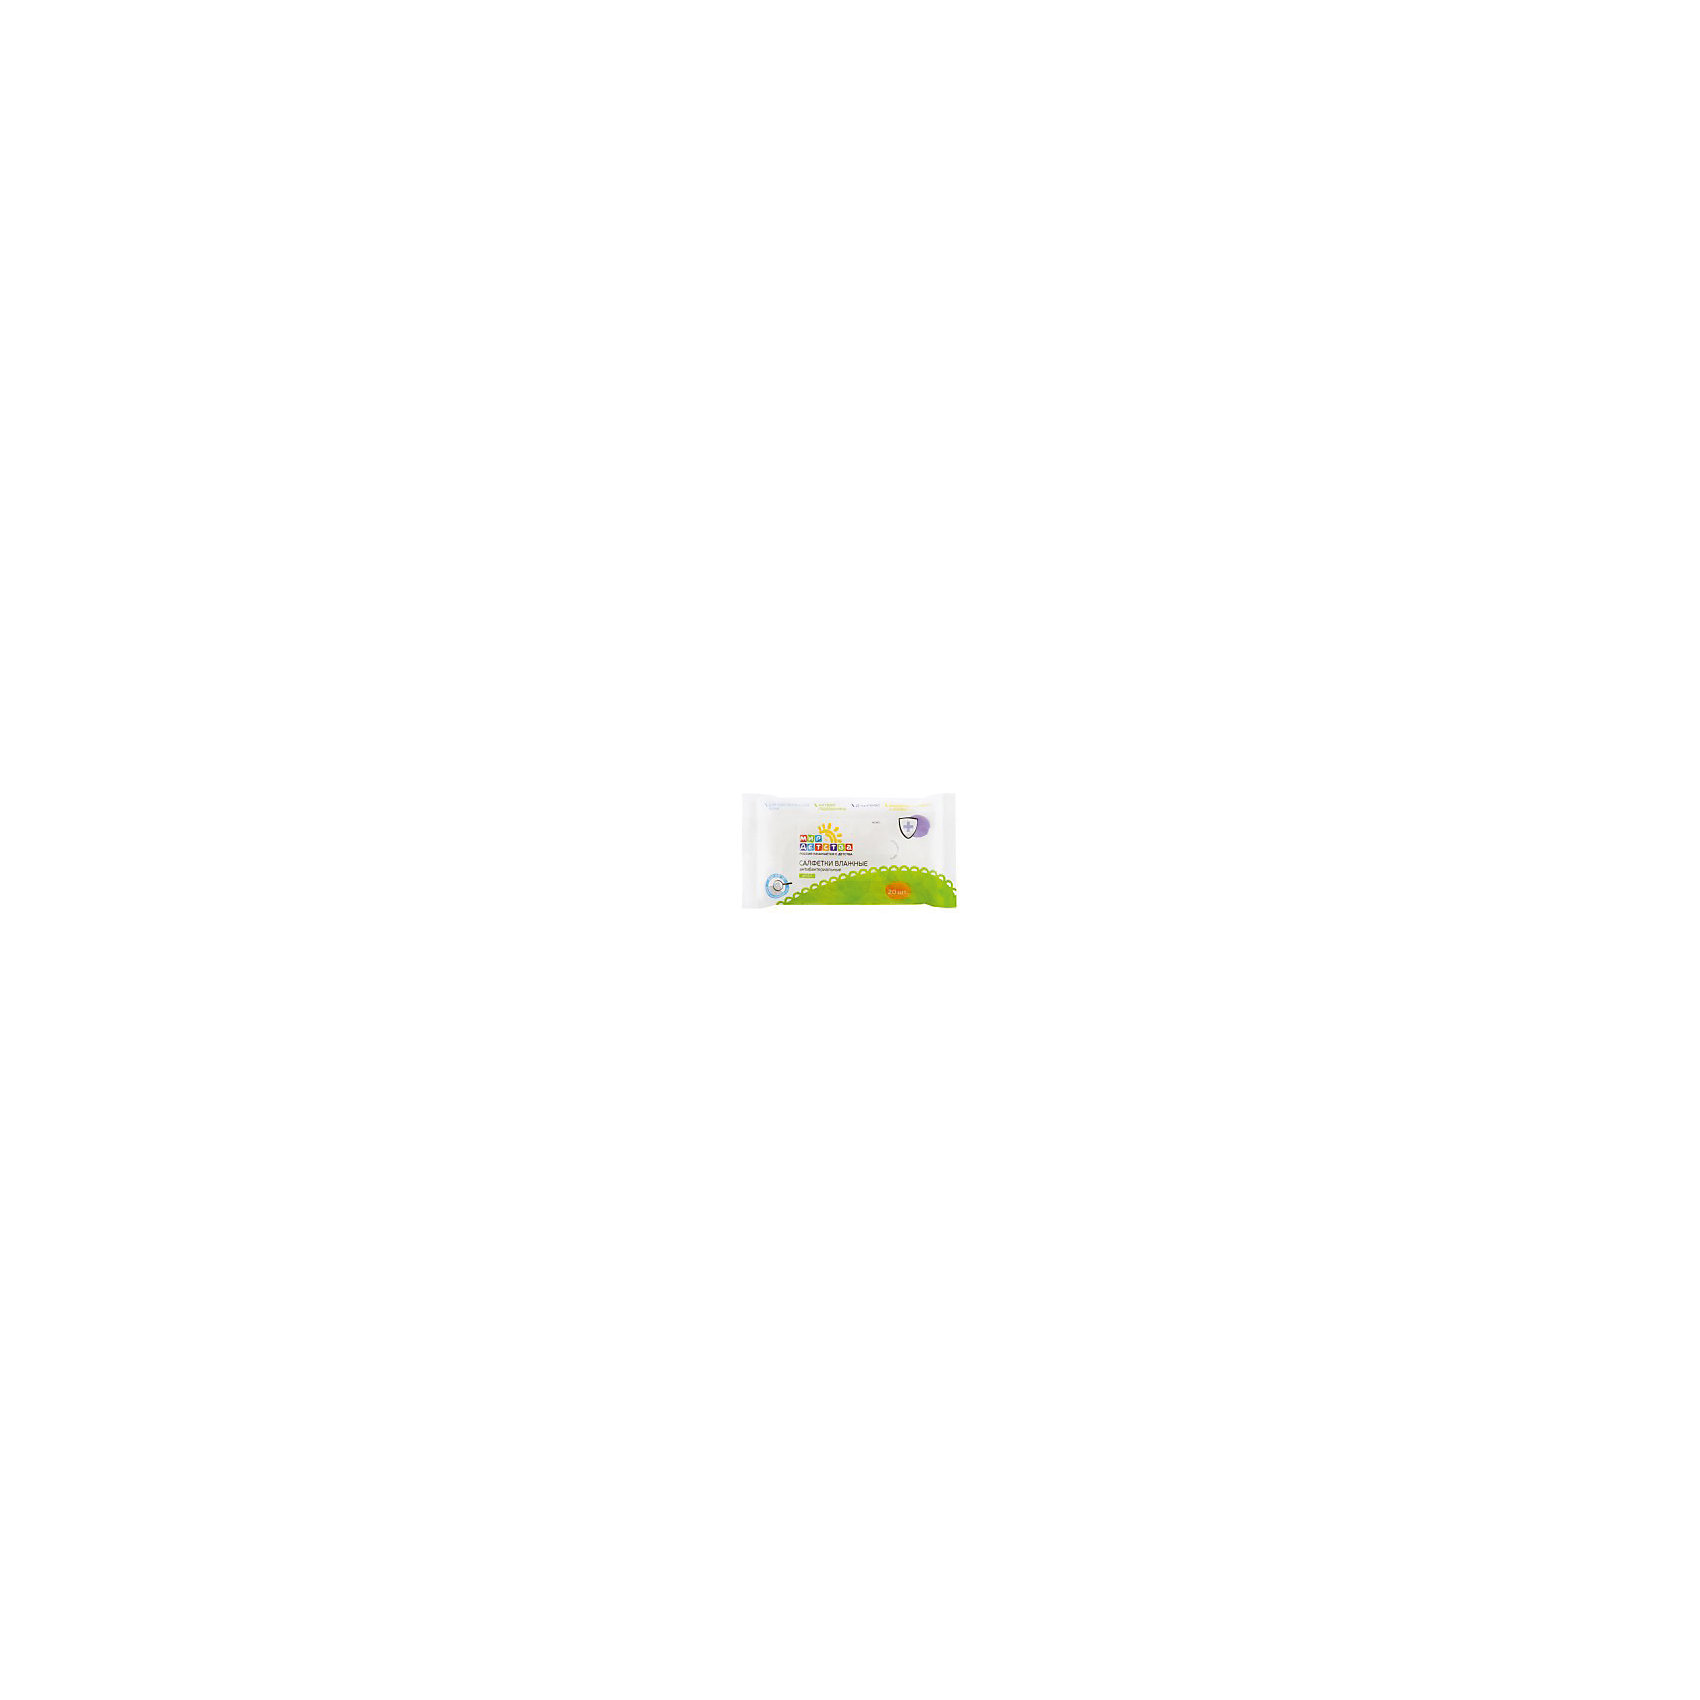 Салфетки антибактериальные влажные, 20 шт., Mir Detstva (Мир Детства)